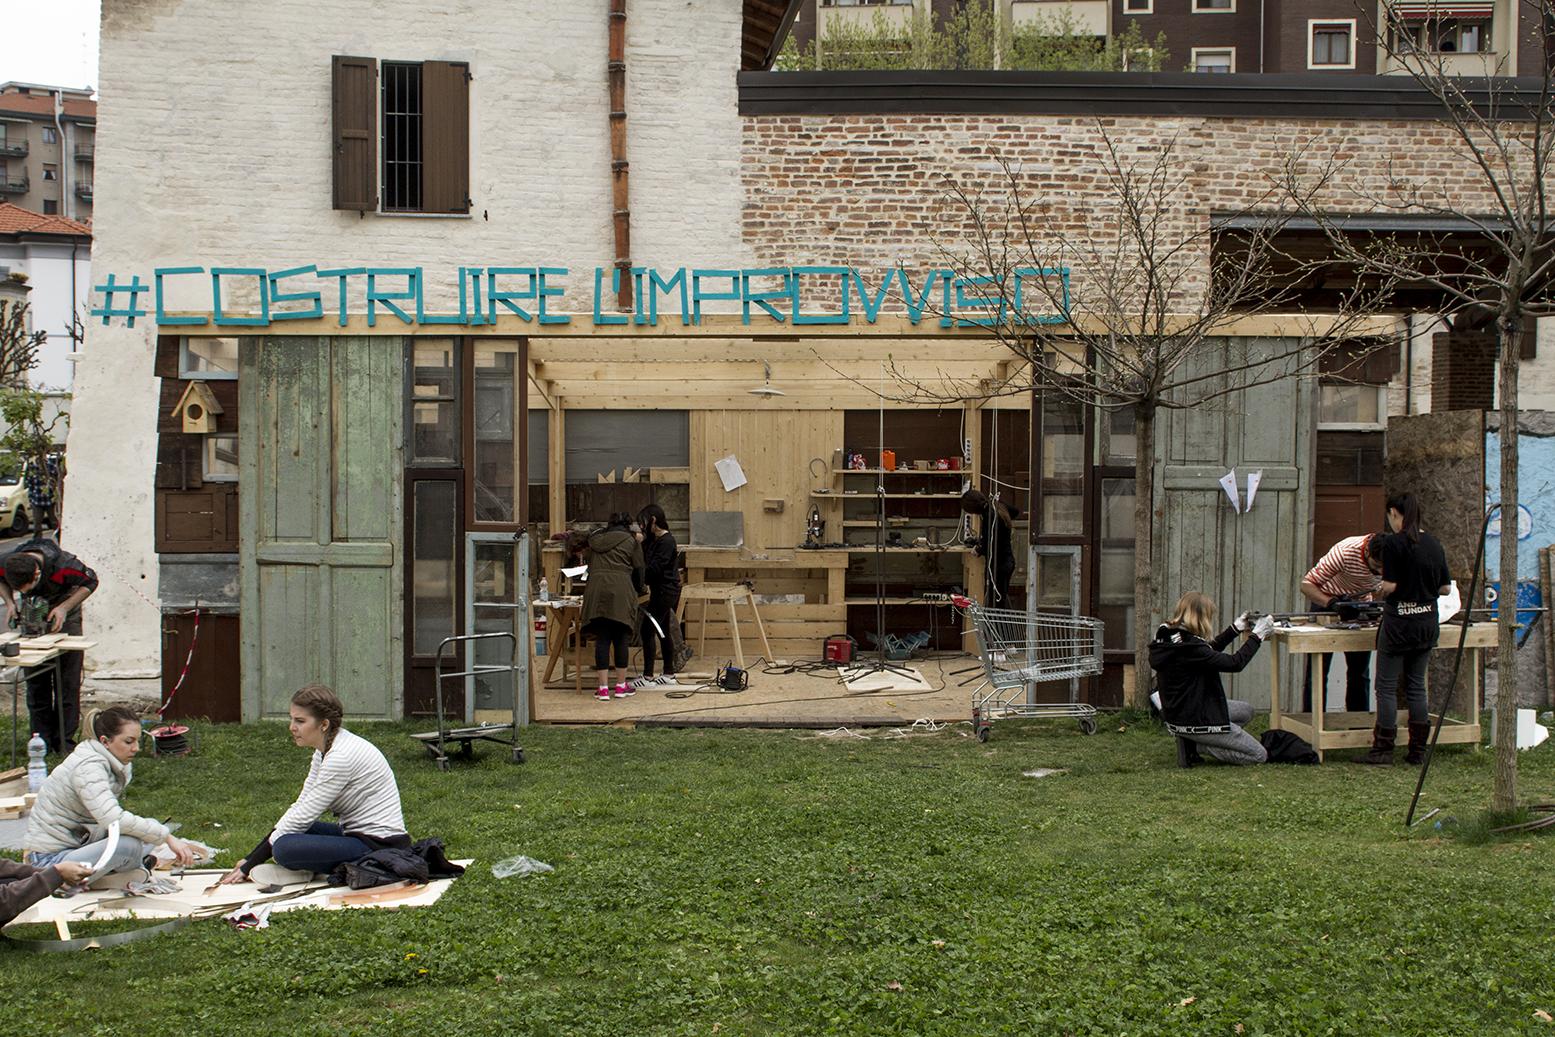 Costruire l'improvviso - Un workshop per Mare Culturale Urbano, a cui hanno partecipato gli studenti Master di IED Milano